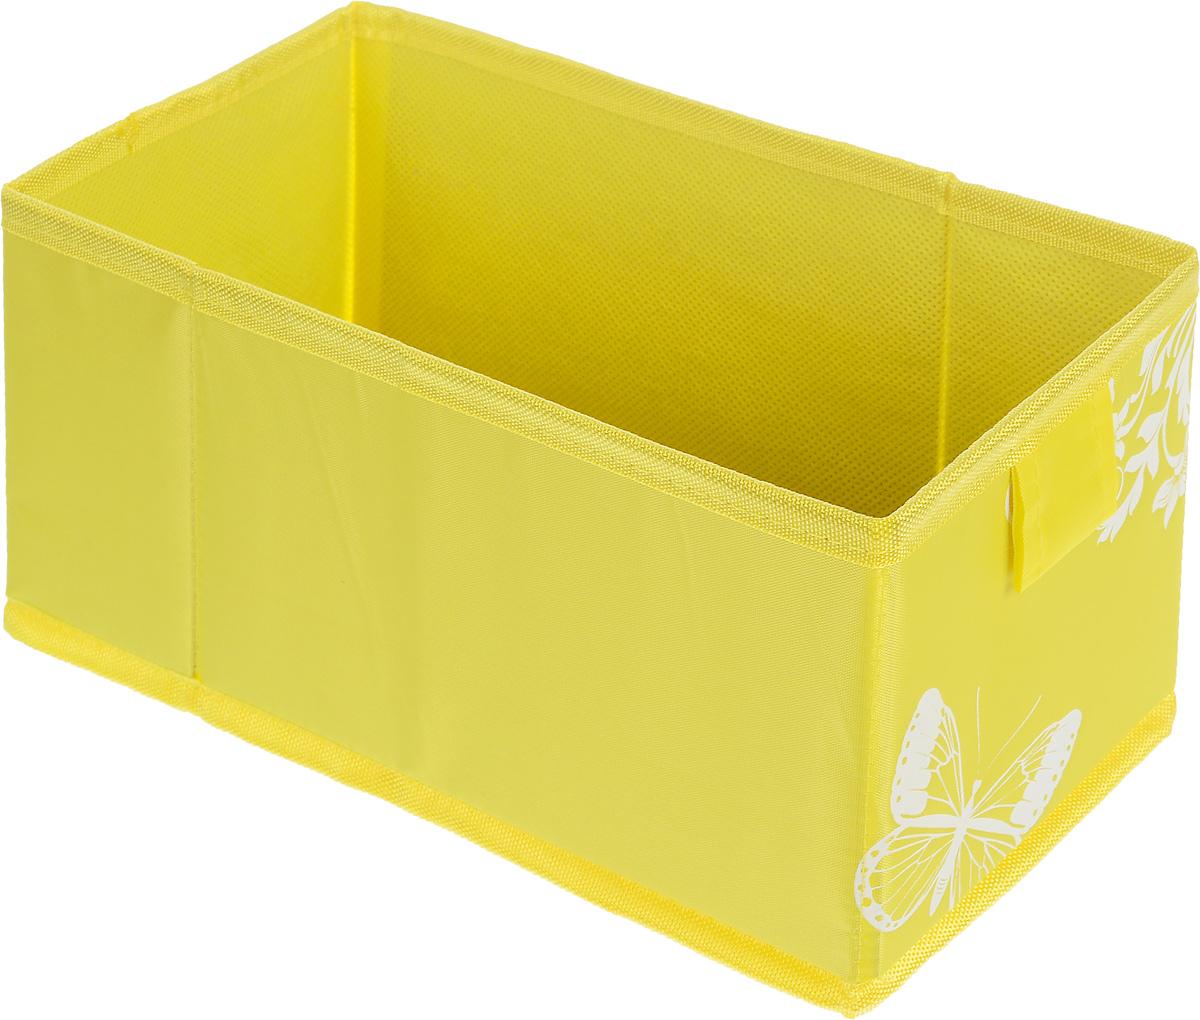 Коробка для хранения Hausmann Butterfly, цвет: желтый, 13 x 27 x 12,5 см4P-107-M4С_желтыйКоробка для хранения вещей Hausmann Butterfly поможет легко организовать пространство в шкафу или в гардеробе. Изделие выполнено из нетканого материала и полиэстера. Коробка держит форму благодаря жесткой вставке из картона, которая устанавливается на дно.Боковая поверхность оформлена красивым принтом с изображением бабочек. В такой коробке удобно хранить нижнее белье, ремни и различные аксессуары. Размер кофра (в собранном виде): 13 x 27 x 12,5 см.